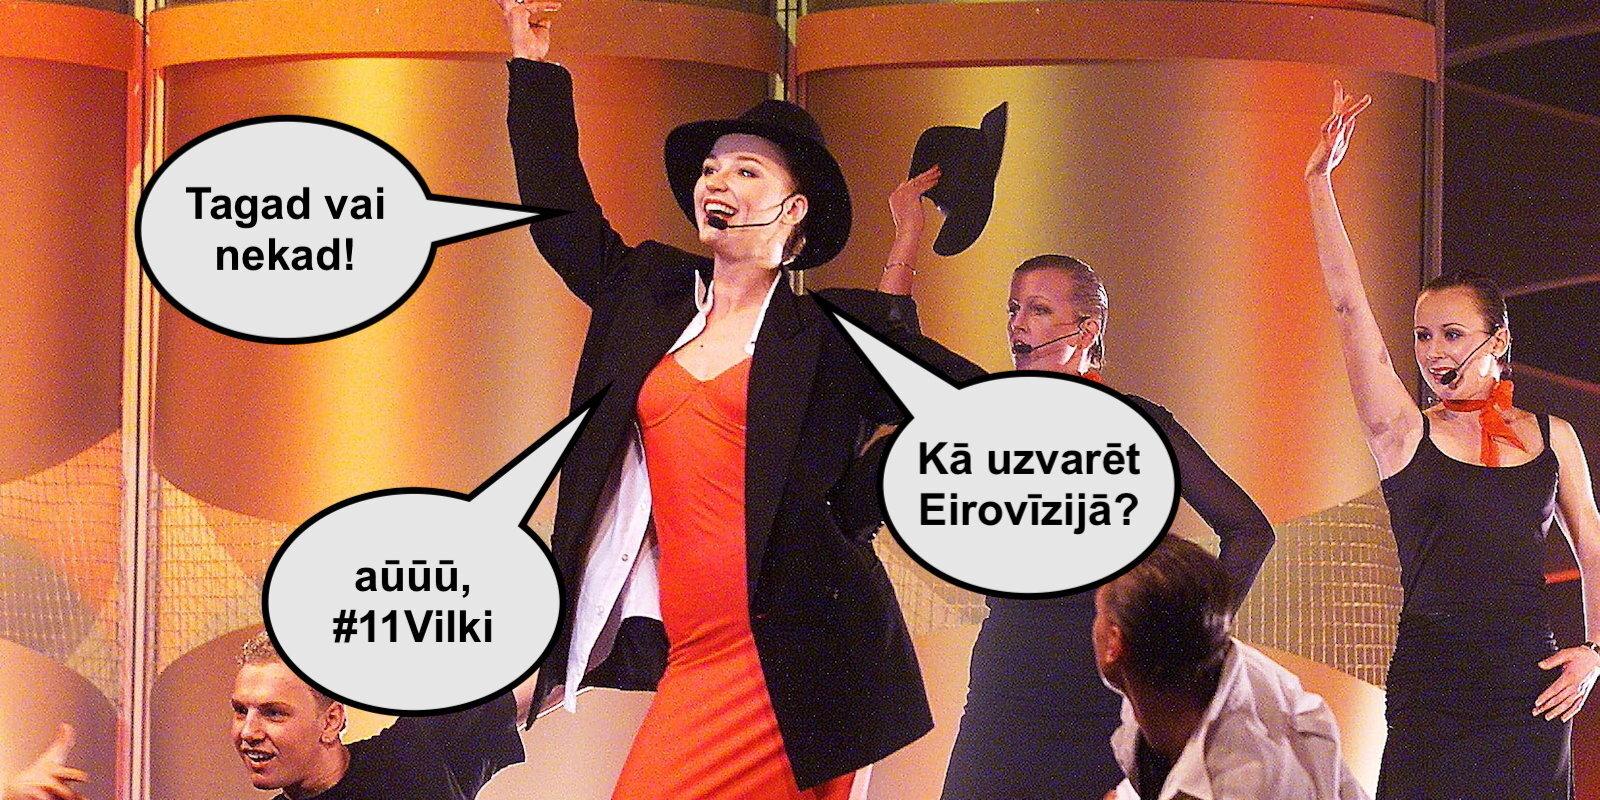 'Cehs.lv': Kā uzvarēt 'Eirovīzijā' un 'What's up Bulgaria' – ironijas mācībstunda